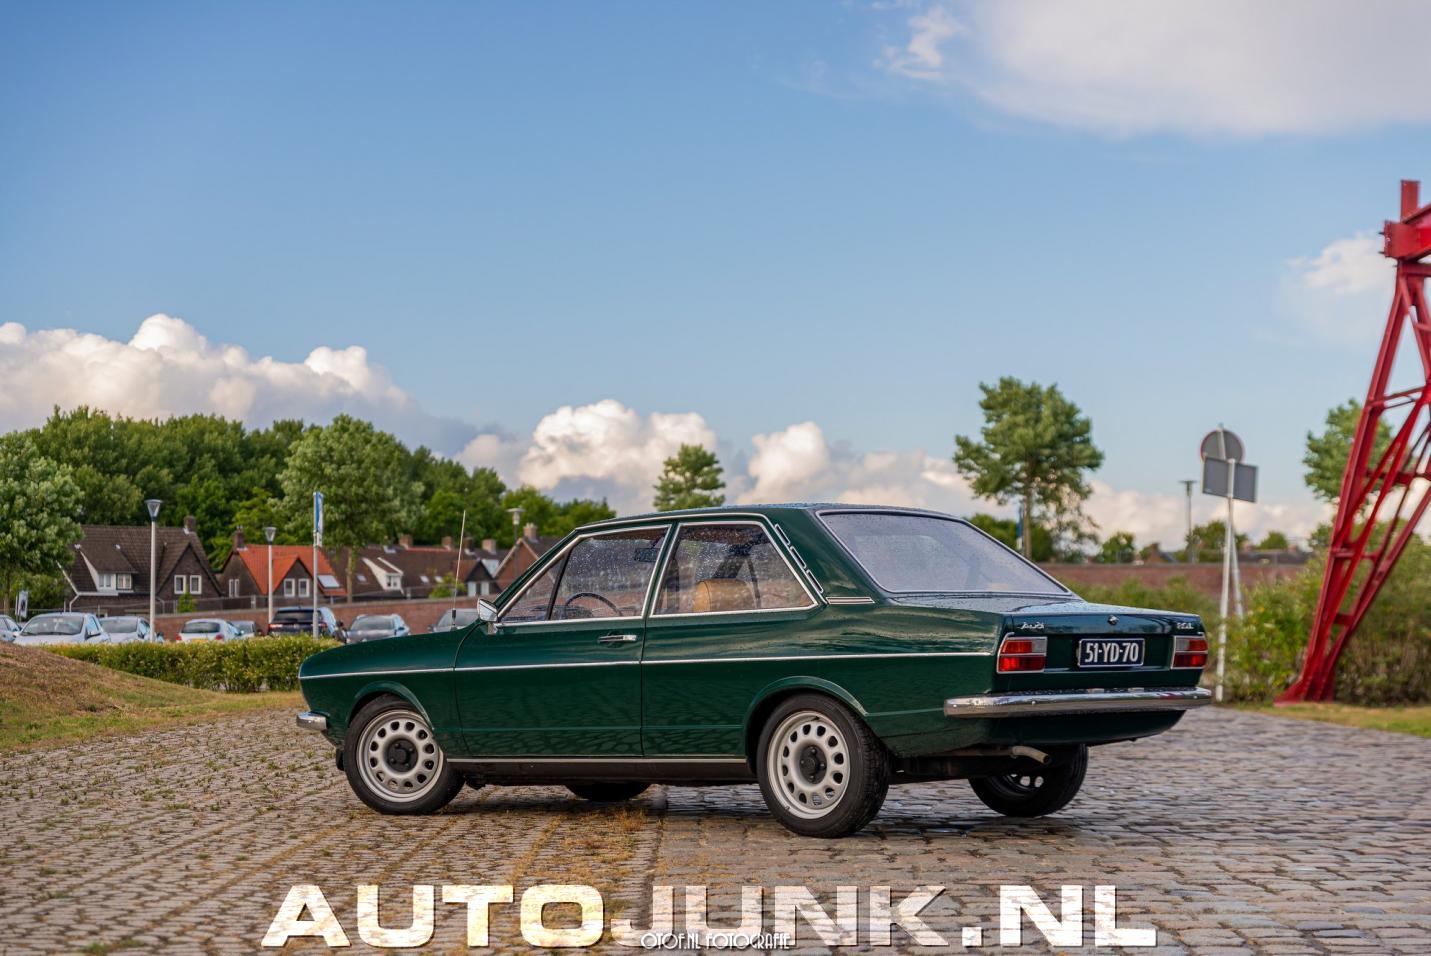 Audi 80 1973 autojunk